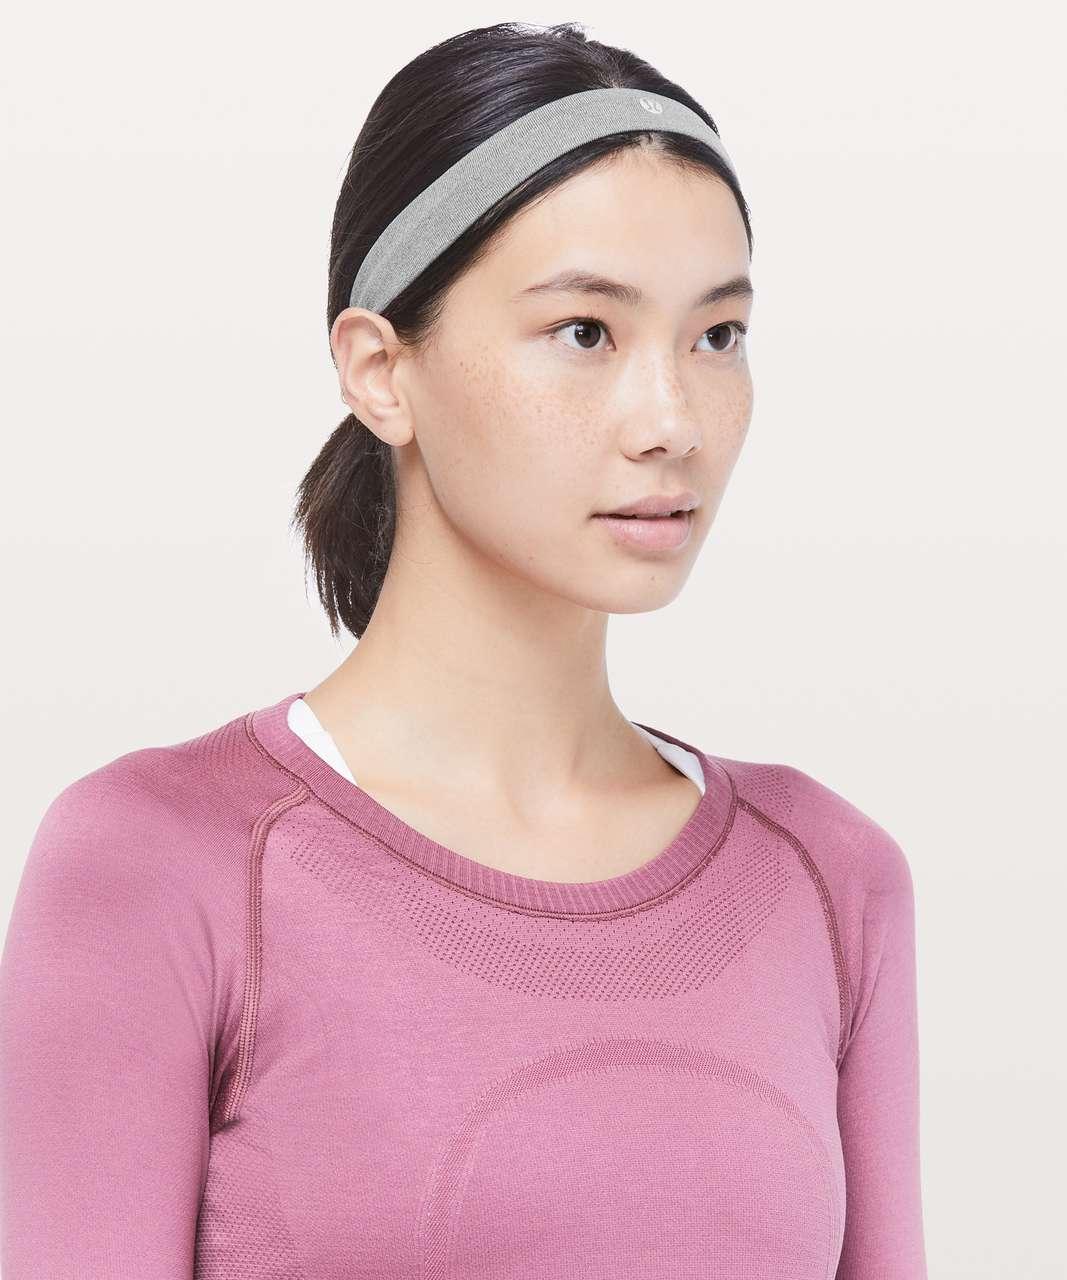 Lululemon Cardio Cross Trainer Headband - Slate / White